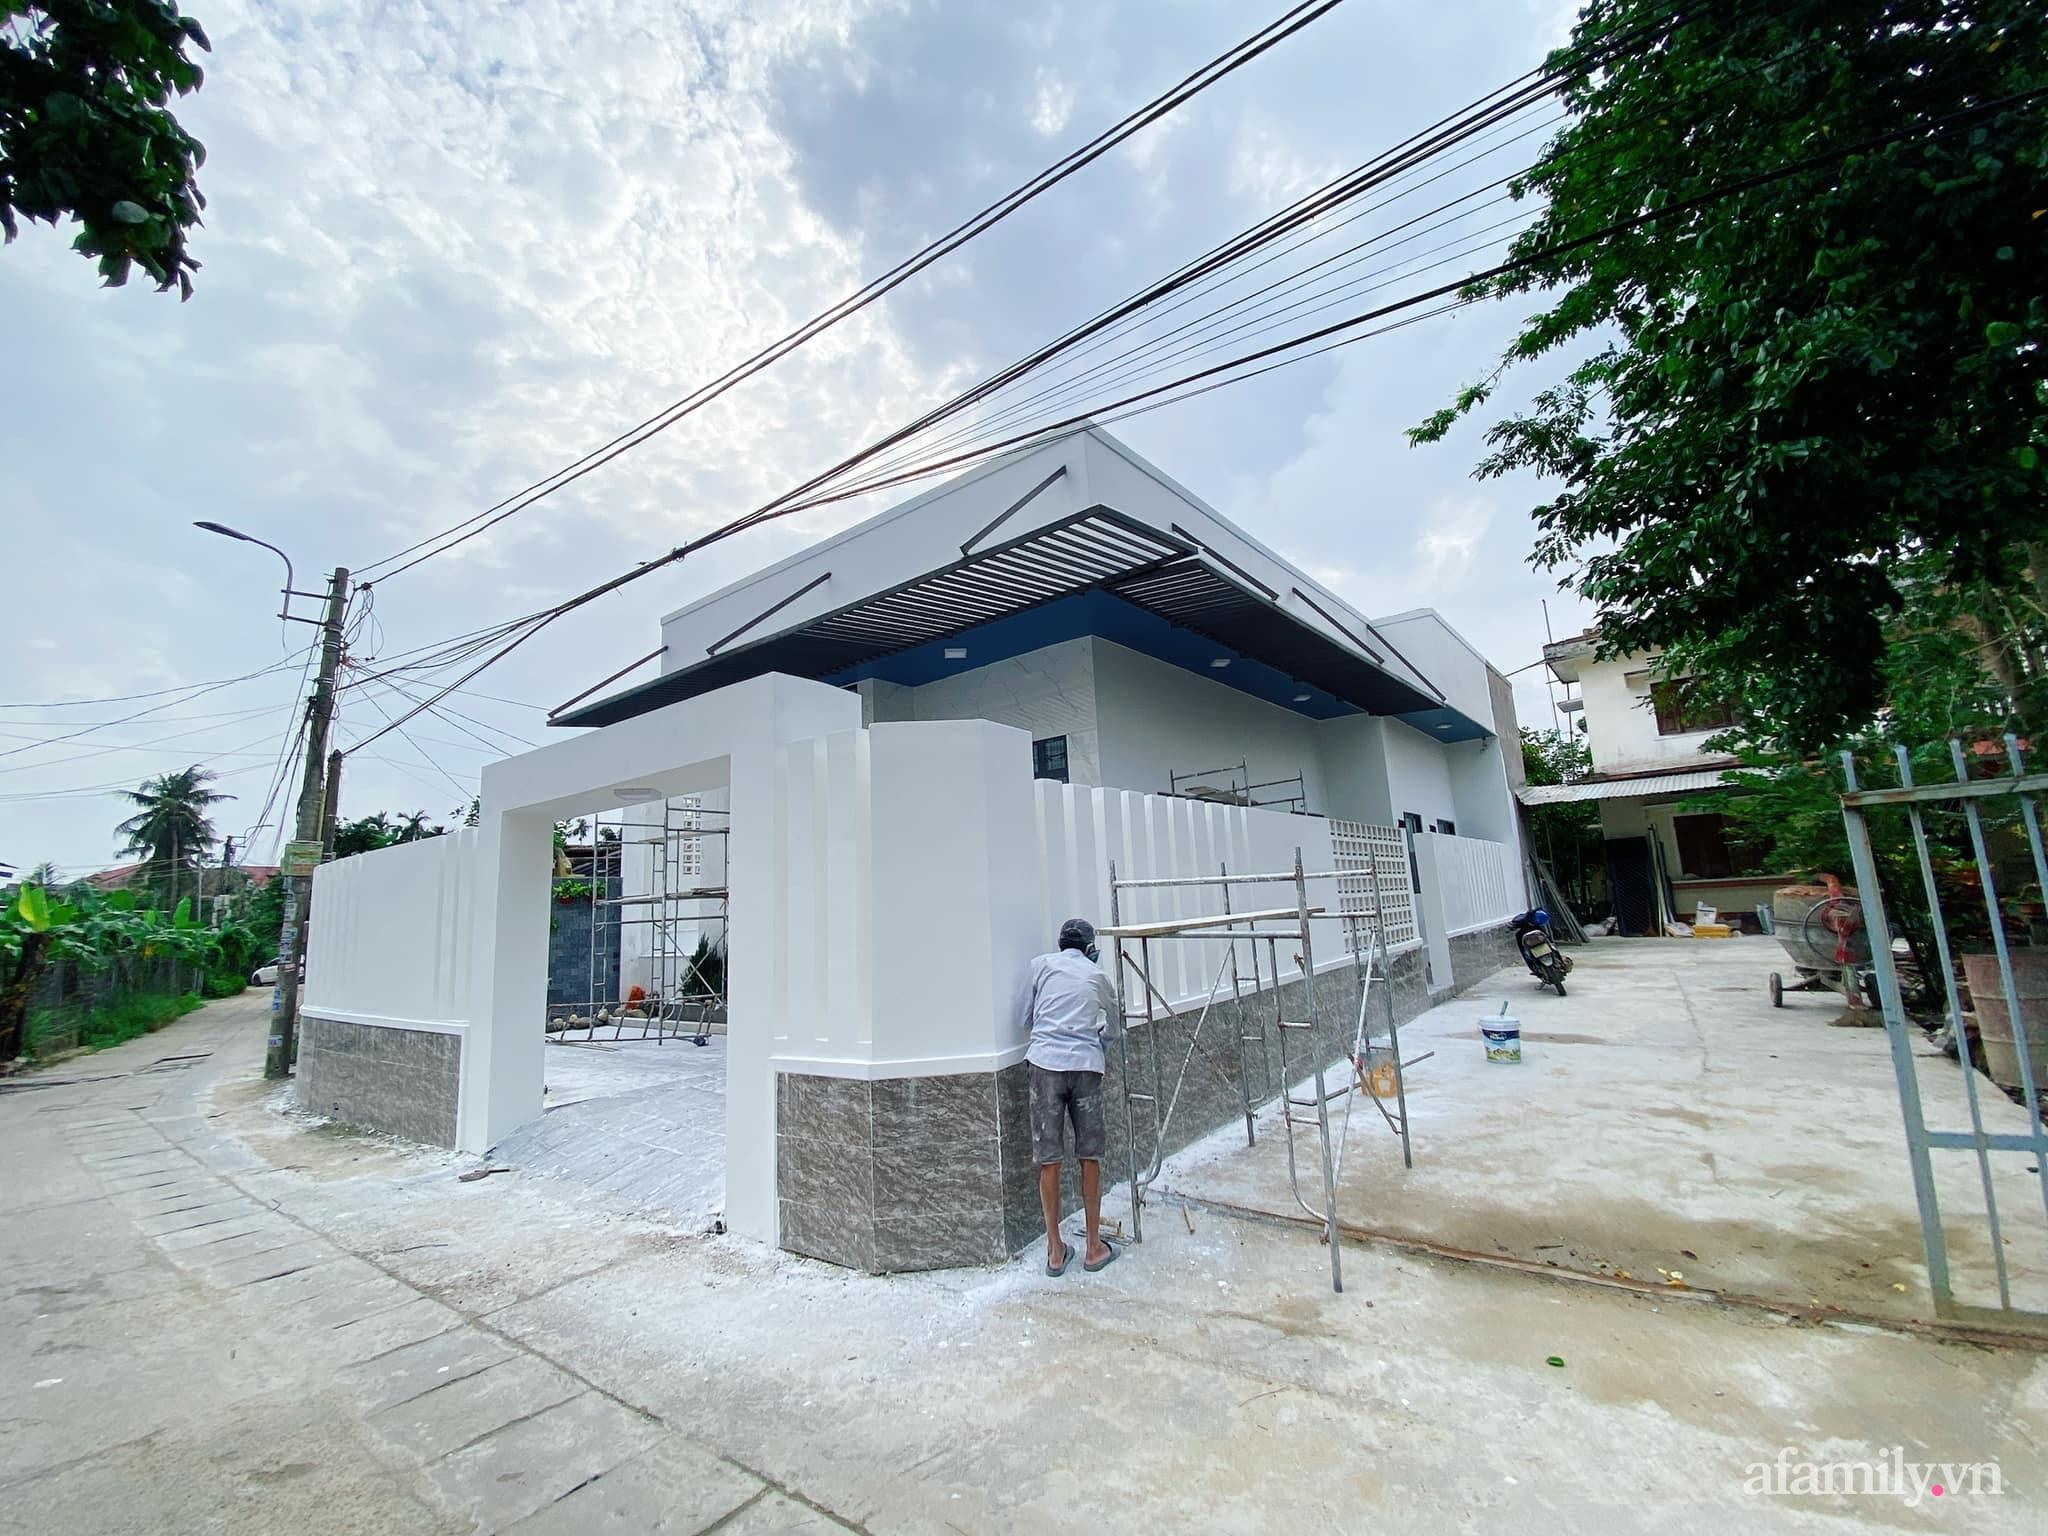 Nhà cấp 4 xây theo mô hình chống bão của cặp vợ chồng trẻ người Quảng Ngãi gây xôn xao vì đẹp như hình tạp chí, chính chủ tiết lộ chi phí gần 1,2 tỷ đồng - Ảnh 3.